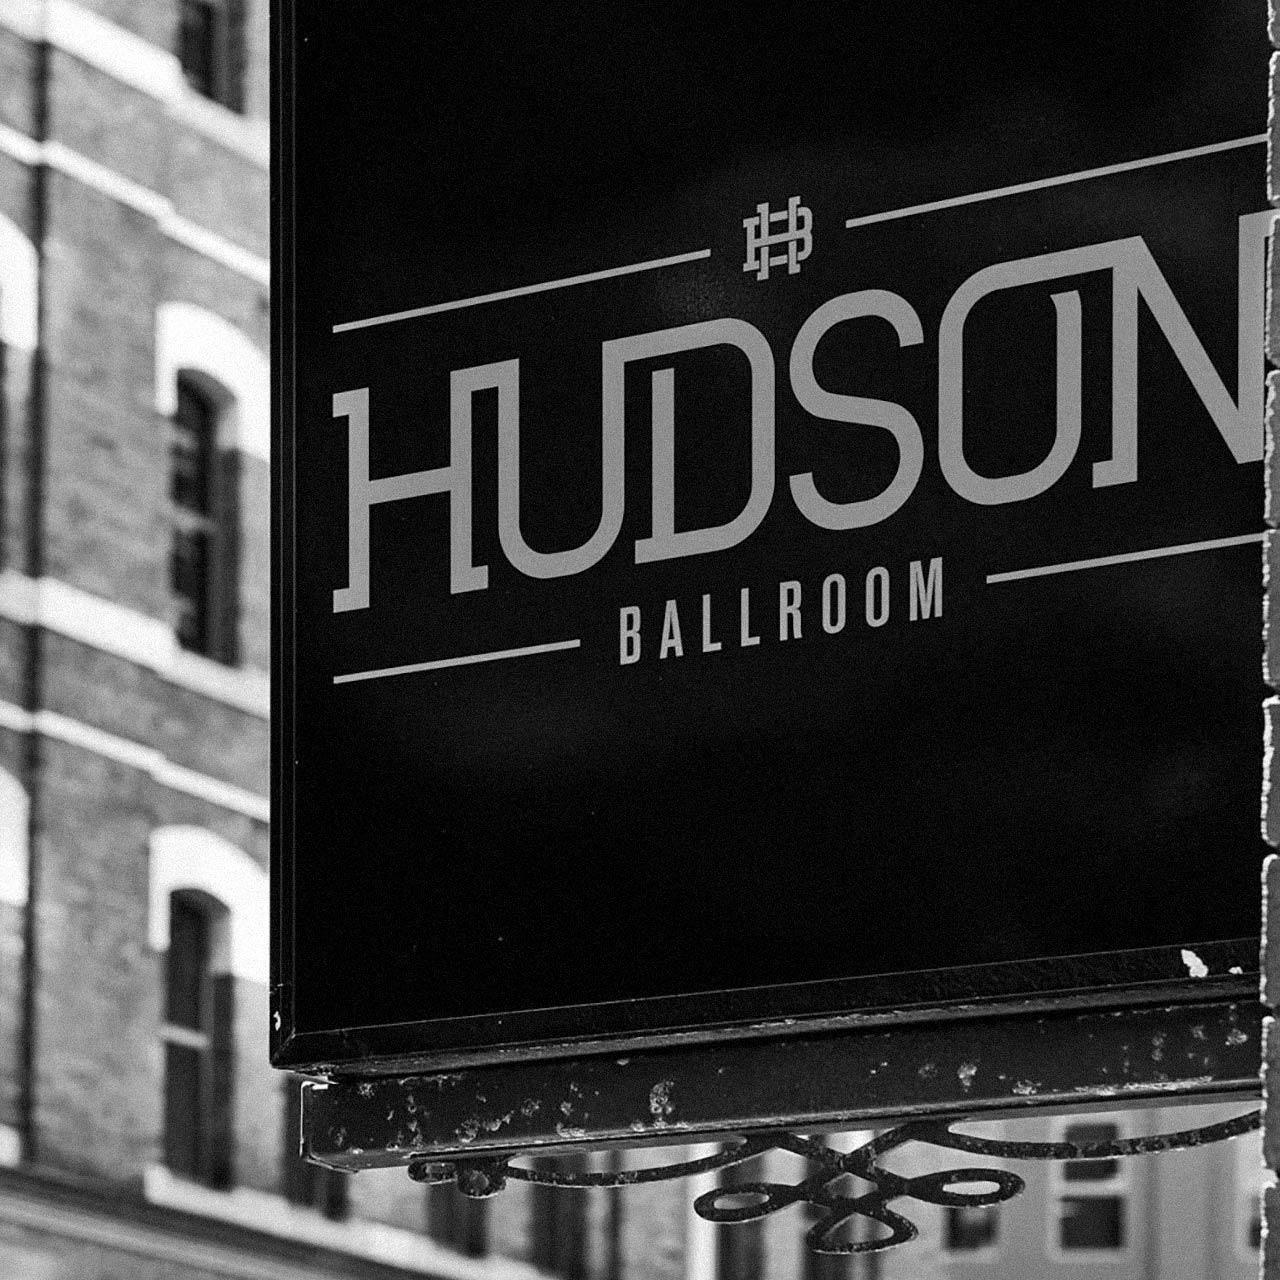 NFE-Work-HudsonBallroom-1280